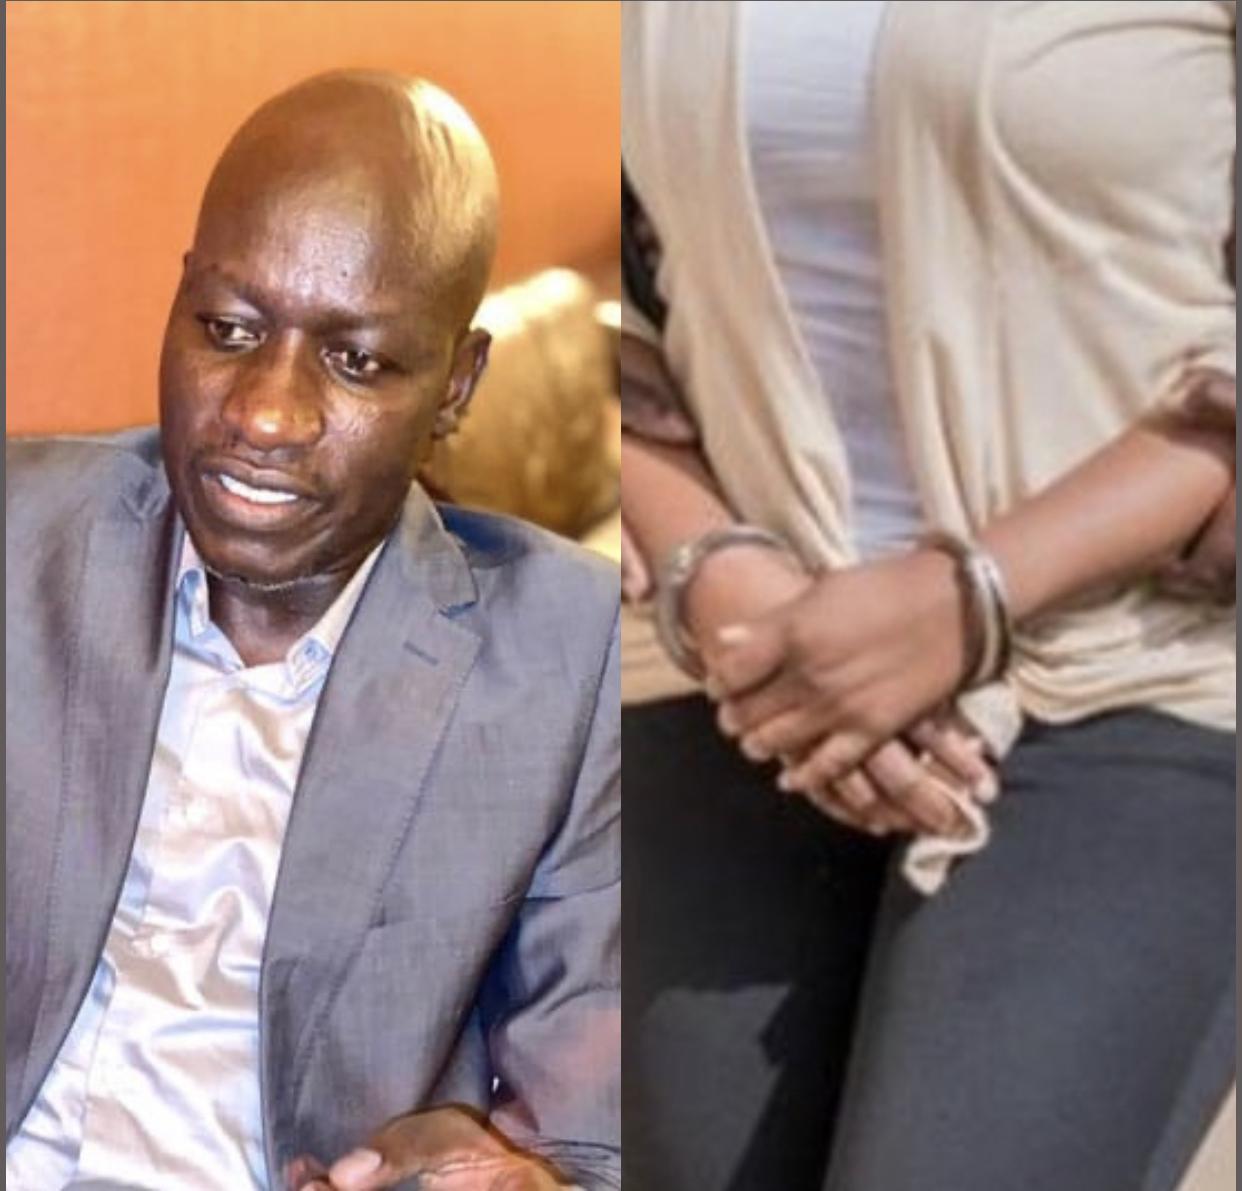 Envois de messages injurieux à de hautes autorités de l'État : Les faits graves reprochés à Patricia Mariame Ngandoul, l'épouse de Birame Soulèye Diop et Abass Fall coordinateur Pastef à Dakar.